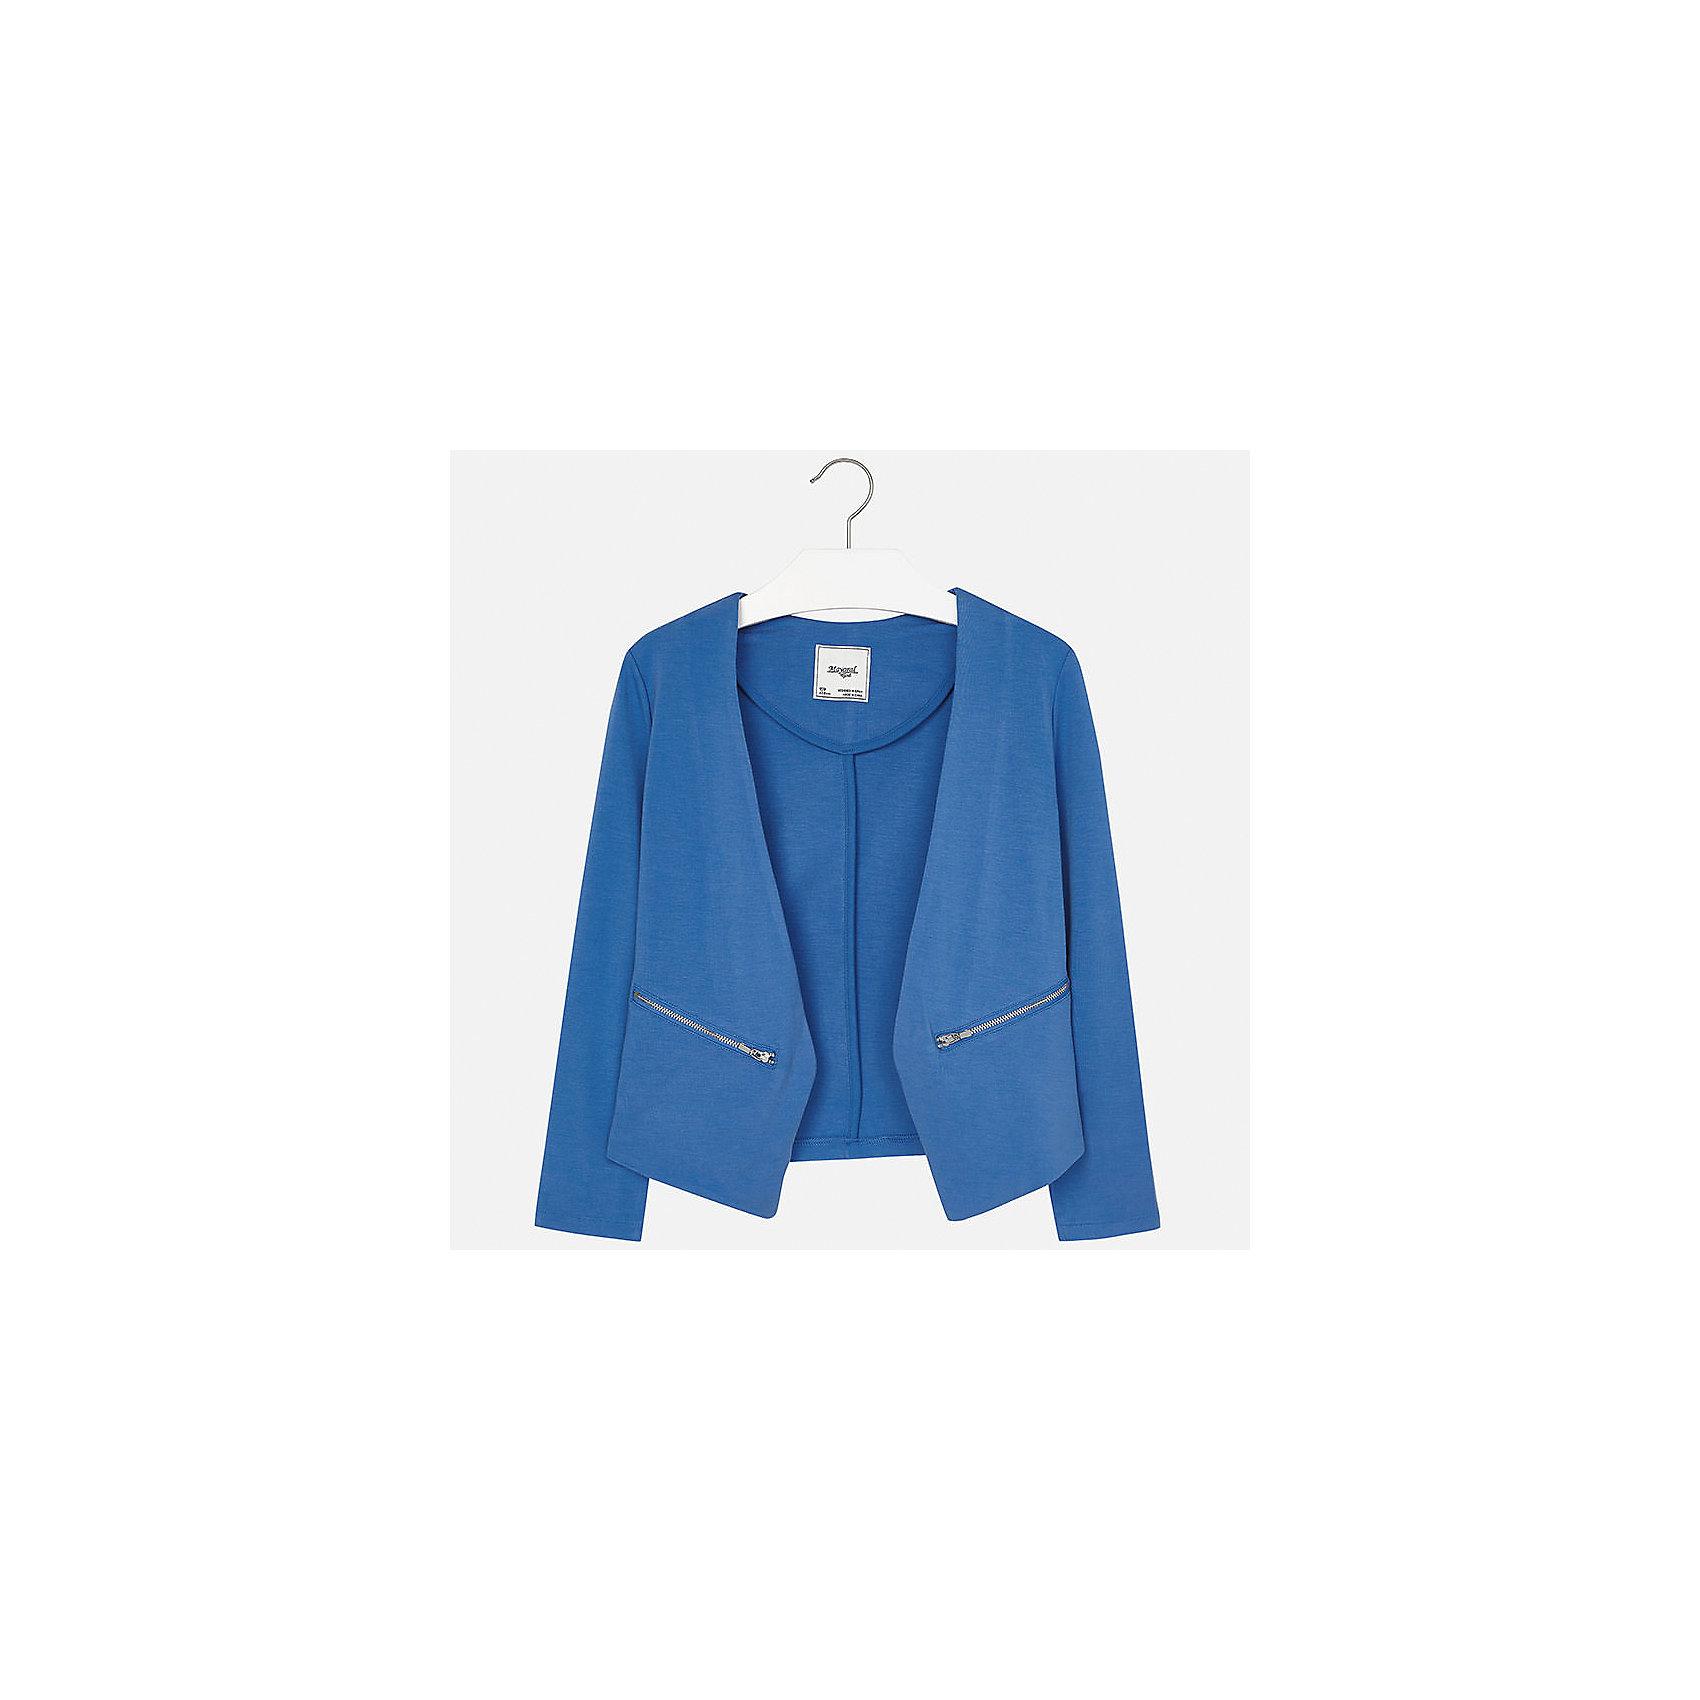 Пиджак для девочки MayoralКостюмы и пиджаки<br>Характеристики товара:<br><br>• цвет: синий<br>• состав: 68% вискоза, 27% полиамид, 5% эластан<br>• без застежки<br>• карманы<br>• с длинными рукавами <br>• страна бренда: Испания<br><br>Модный и удобный пиджак для девочки поможет разнообразить гардероб ребенка и украсить наряд. Он отлично сочетается и с юбками, и с брюками. Универсальный цвет позволяет подобрать к вещи низ различных расцветок. Интересный крой модели делает её нарядной и оригинальной.<br><br>Одежда, обувь и аксессуары от испанского бренда Mayoral полюбились детям и взрослым по всему миру. Модели этой марки - стильные и удобные. Для их производства используются только безопасные, качественные материалы и фурнитура. Порадуйте ребенка модными и красивыми вещами от Mayoral! <br><br>Пиджак для девочки от испанского бренда Mayoral (Майорал) можно купить в нашем интернет-магазине.<br><br>Ширина мм: 247<br>Глубина мм: 16<br>Высота мм: 140<br>Вес г: 225<br>Цвет: синий<br>Возраст от месяцев: 168<br>Возраст до месяцев: 180<br>Пол: Женский<br>Возраст: Детский<br>Размер: 170,128/134,140,152,158,164<br>SKU: 5292842